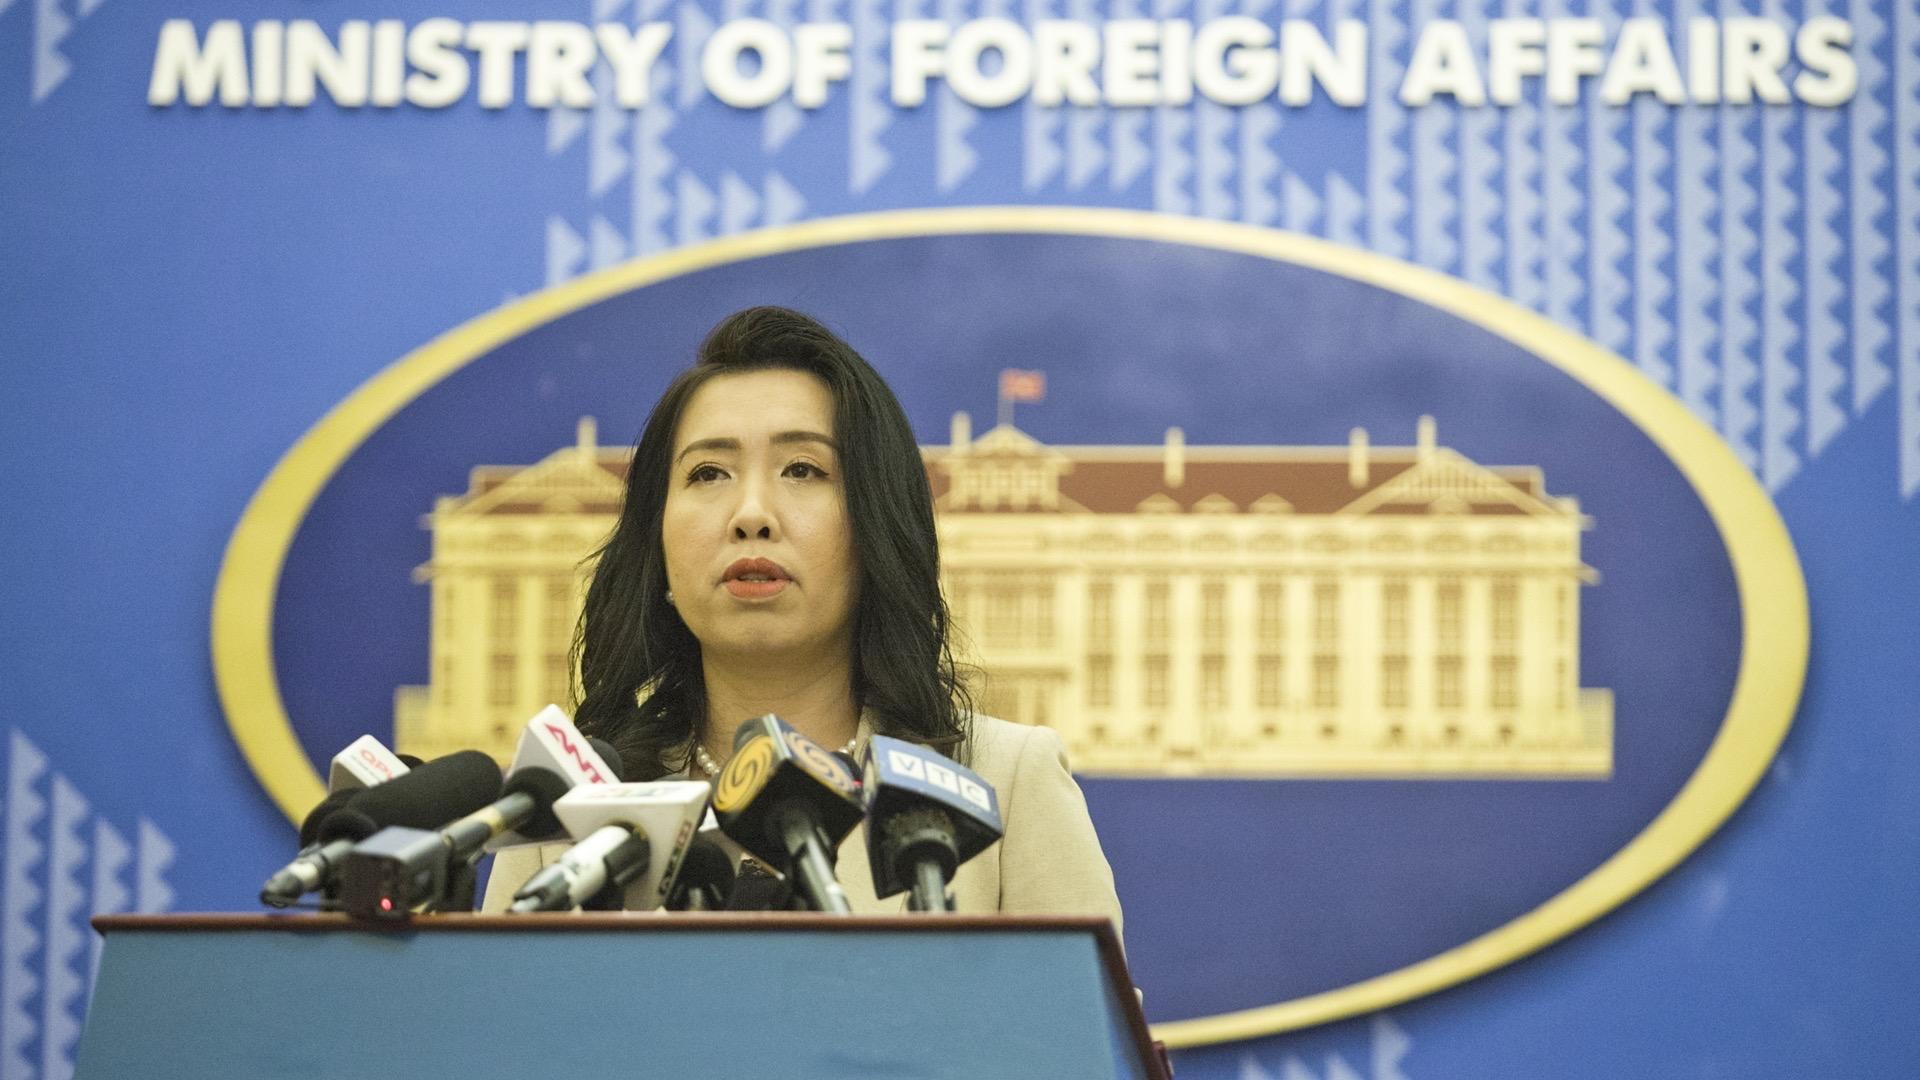 Thông tin về Việt Nam do Tổ chức Liêm chính Tài chính toàn cầu đưa ra là không chính xác